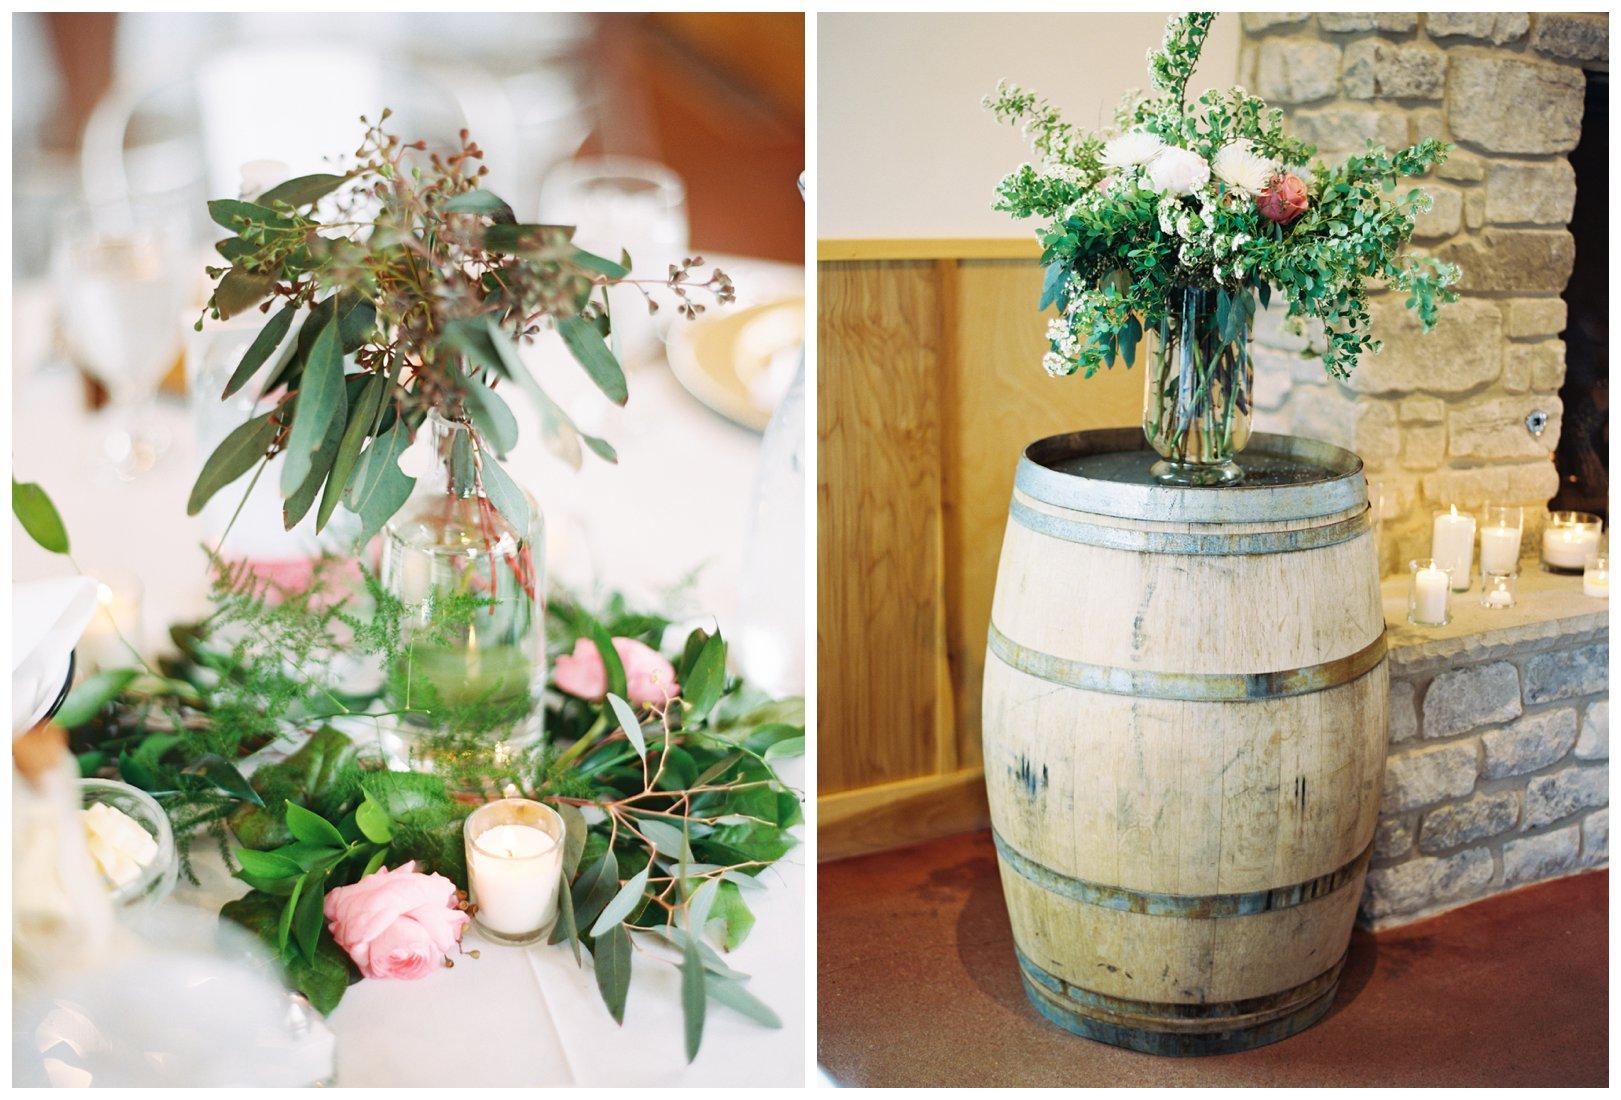 lauren muckler photography_fine art film wedding photography_st louis_photography_2393.jpg